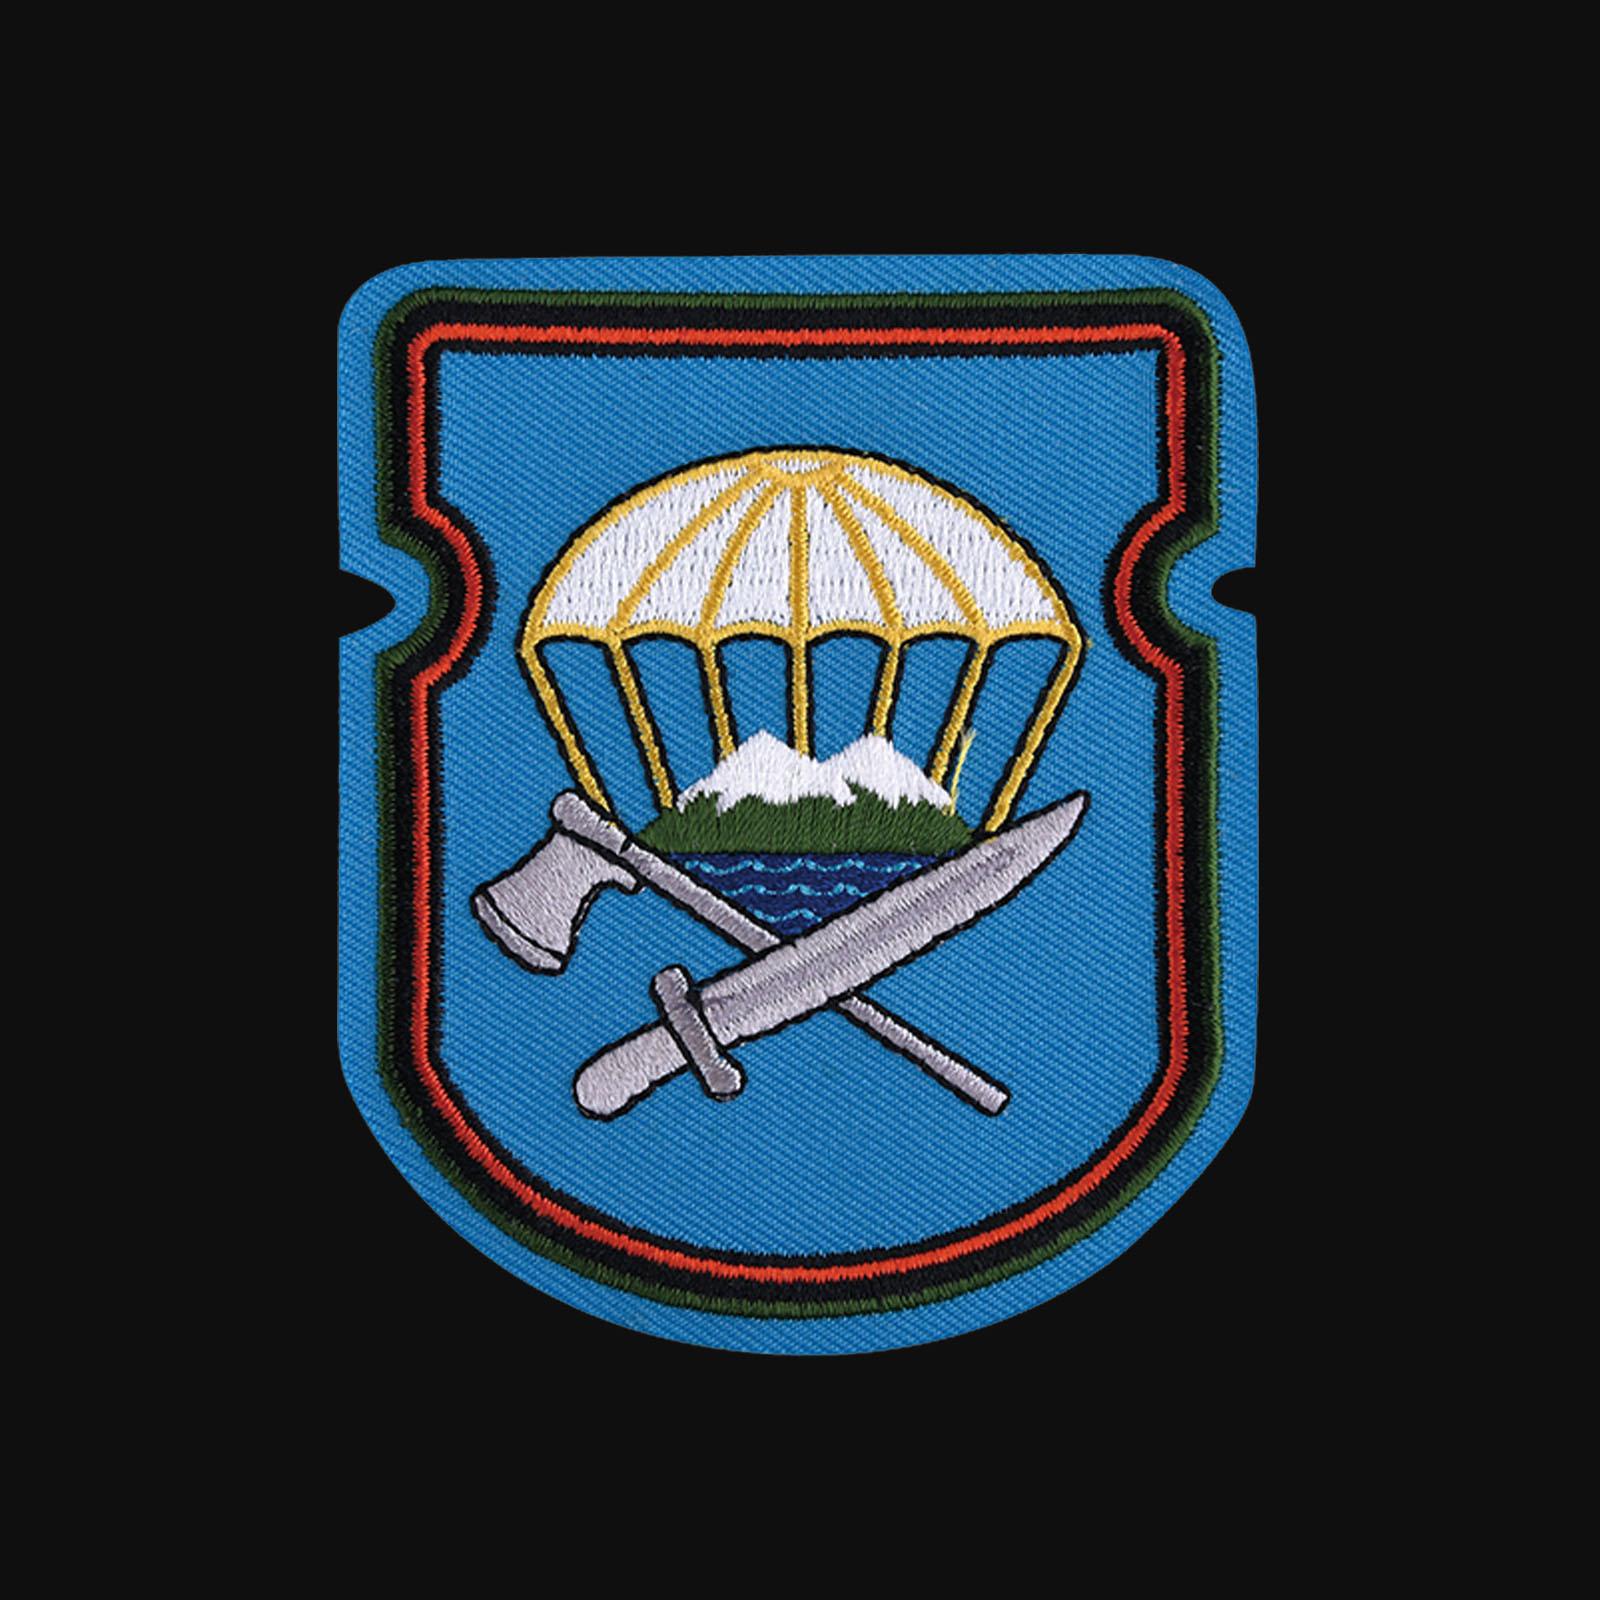 Толстовка 629-й отдельный инженерно-сапёрный батальон 7-ой ДШД ВДВ